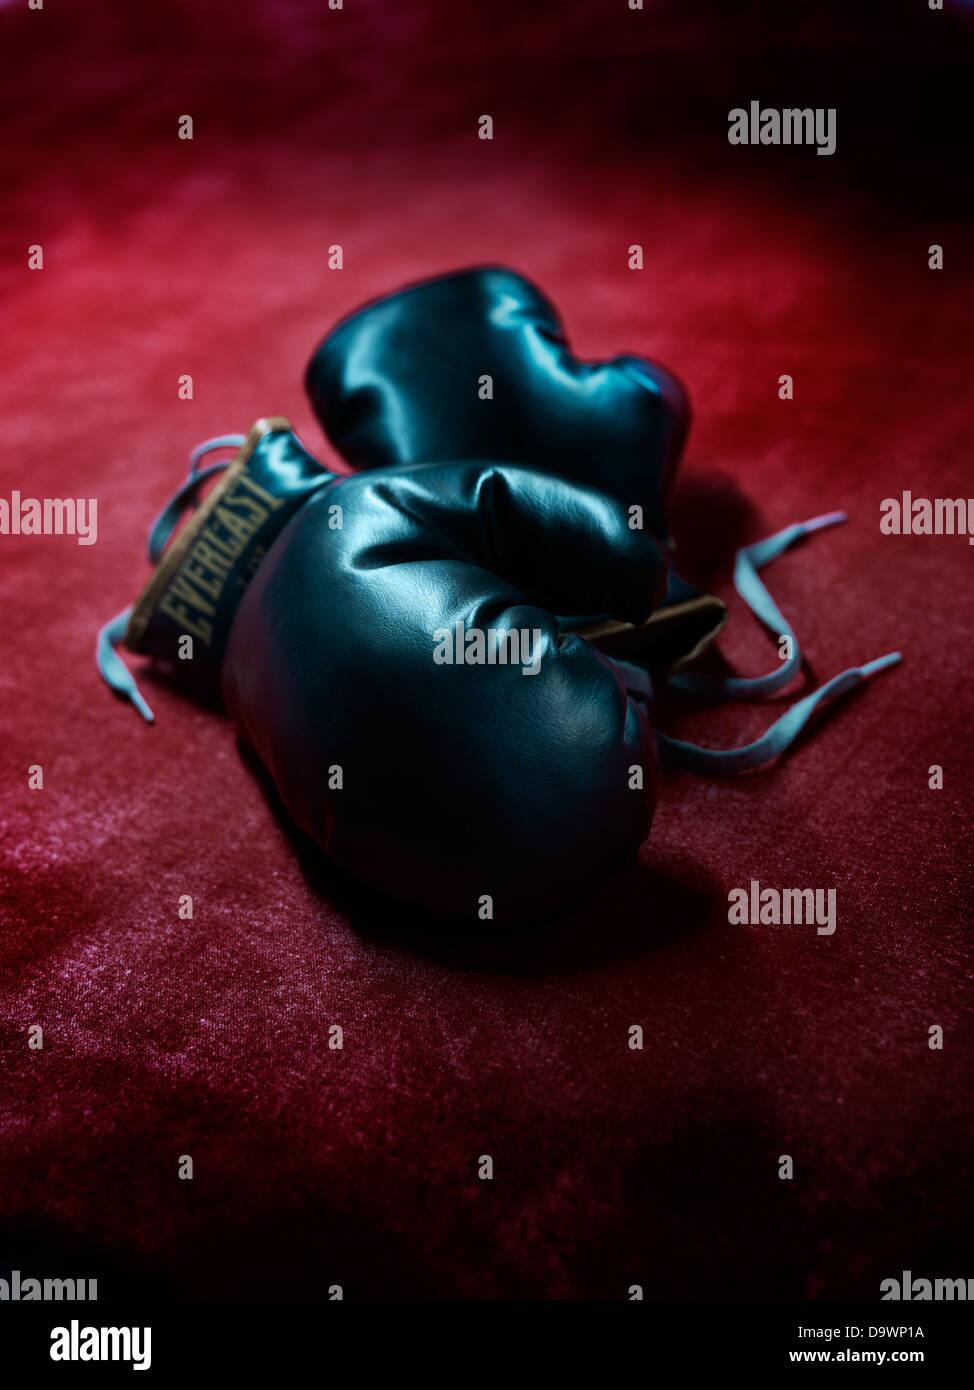 Boxhandschuhe Stockbild